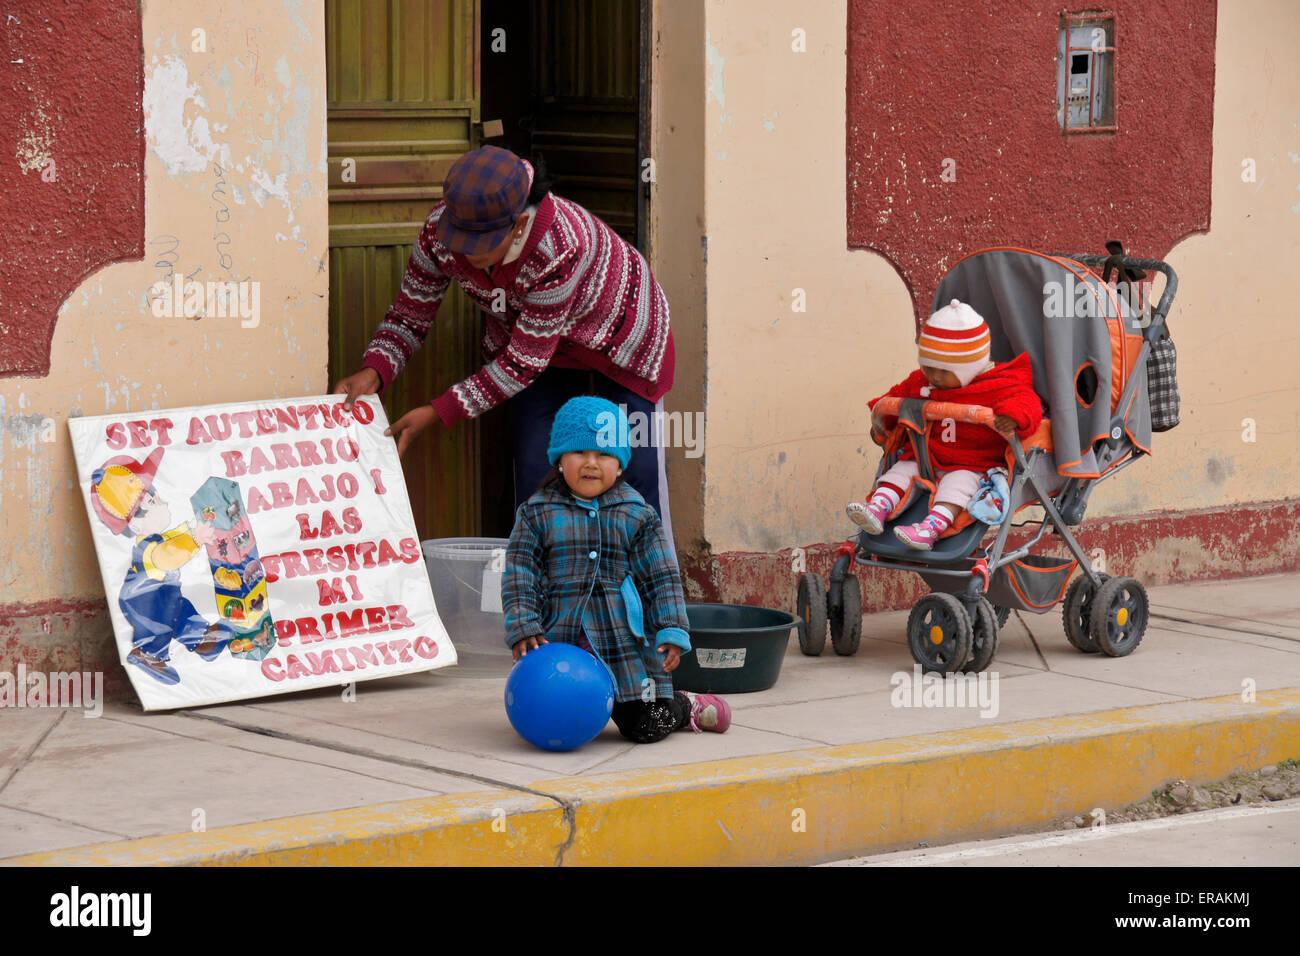 Femme et enfants en dehors de l'école maternelle, demis Roussos, Pérou Banque D'Images